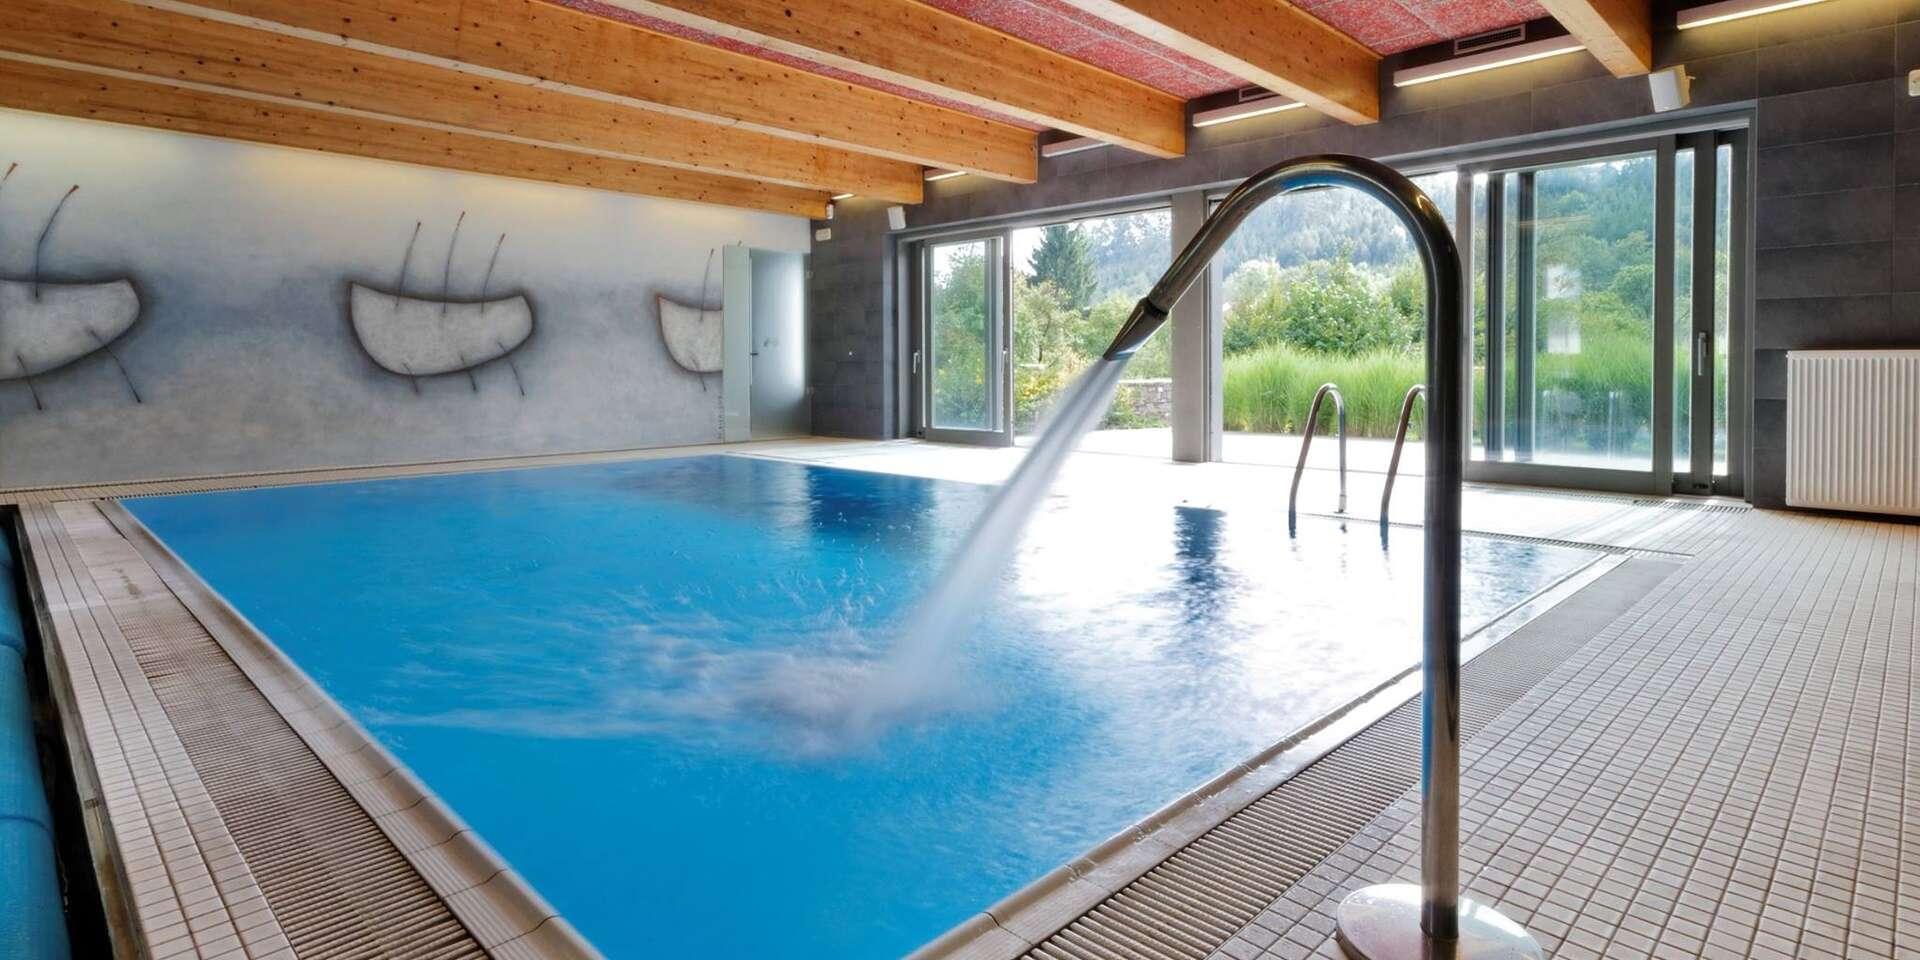 Dovolená v hotelu U Tří volů na jižní Moravě s polopenzí, bazénem, možností wellness za polovic a platností do května 2022